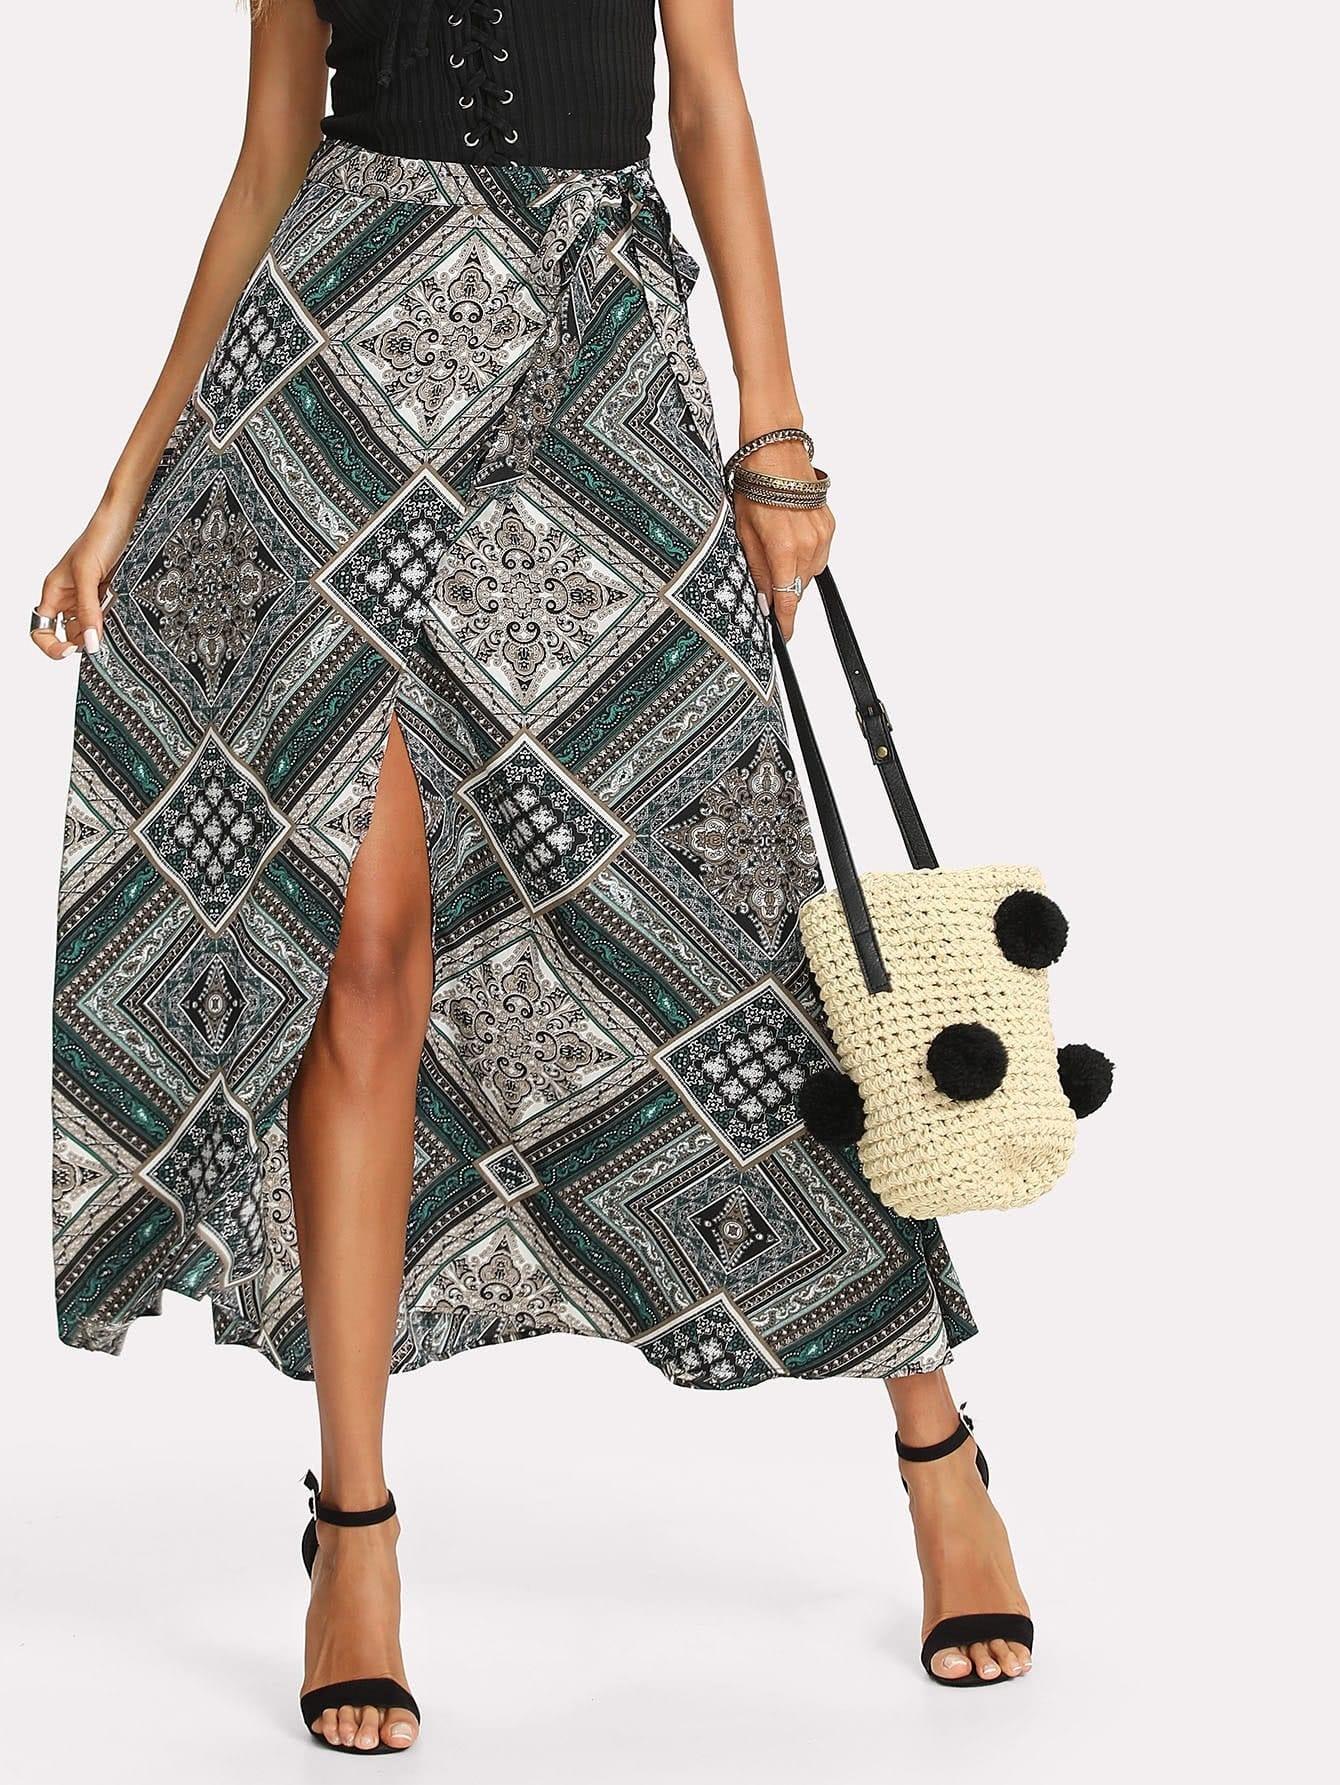 Ornate Print Wrap Skirt ornate print textured skirt